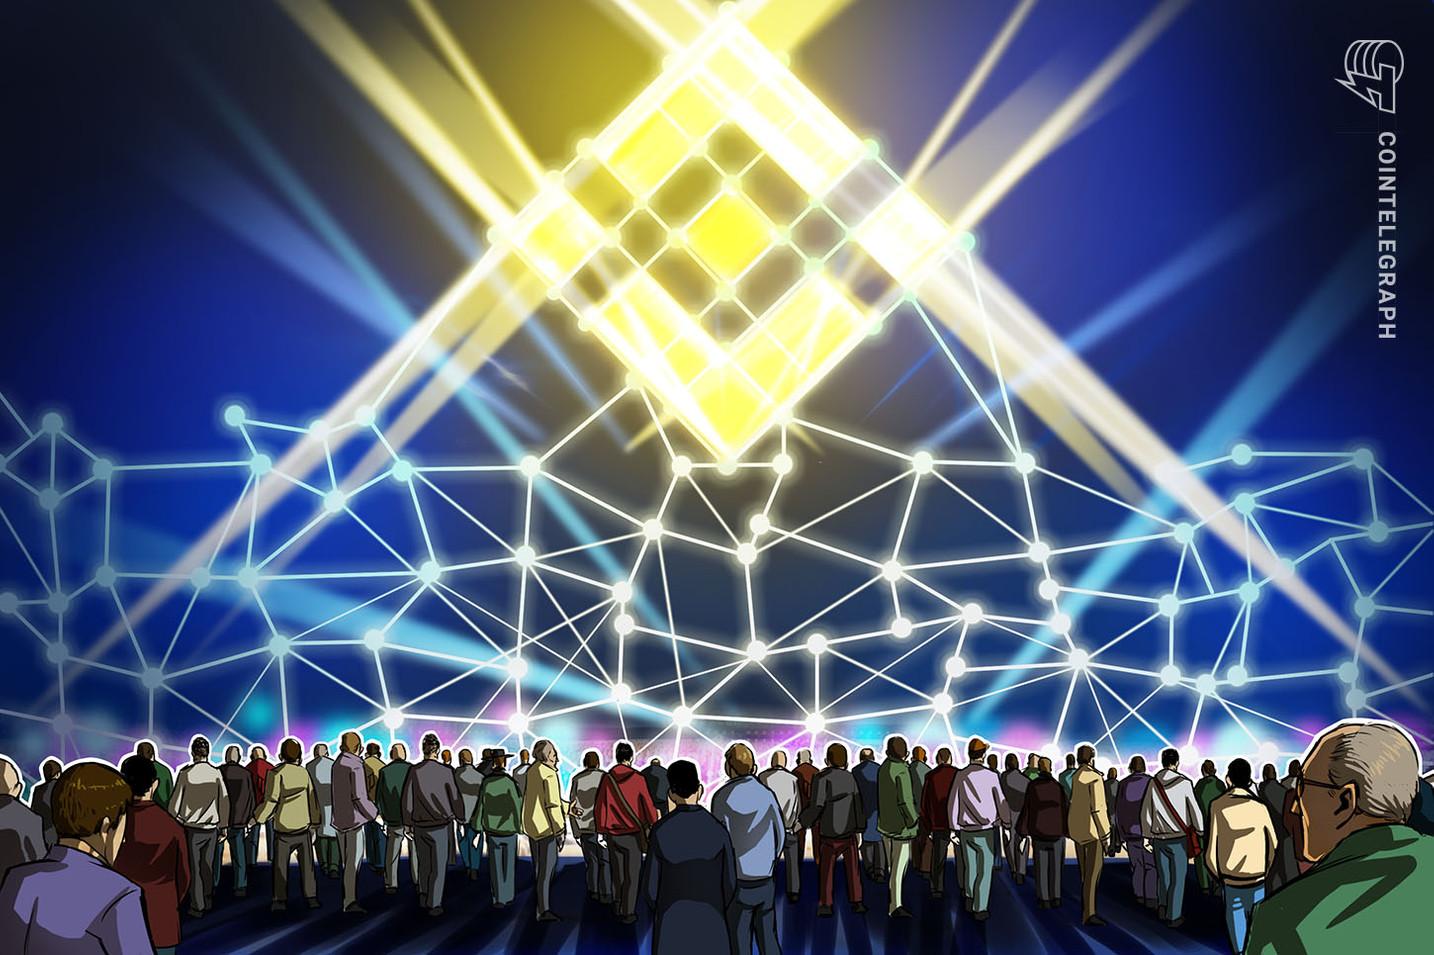 """""""El futuro está aquí"""", declara el CEO de Binance citando la transferencia de USD 1,200 millones por menos de 2 centavos hecha en su plataforma"""